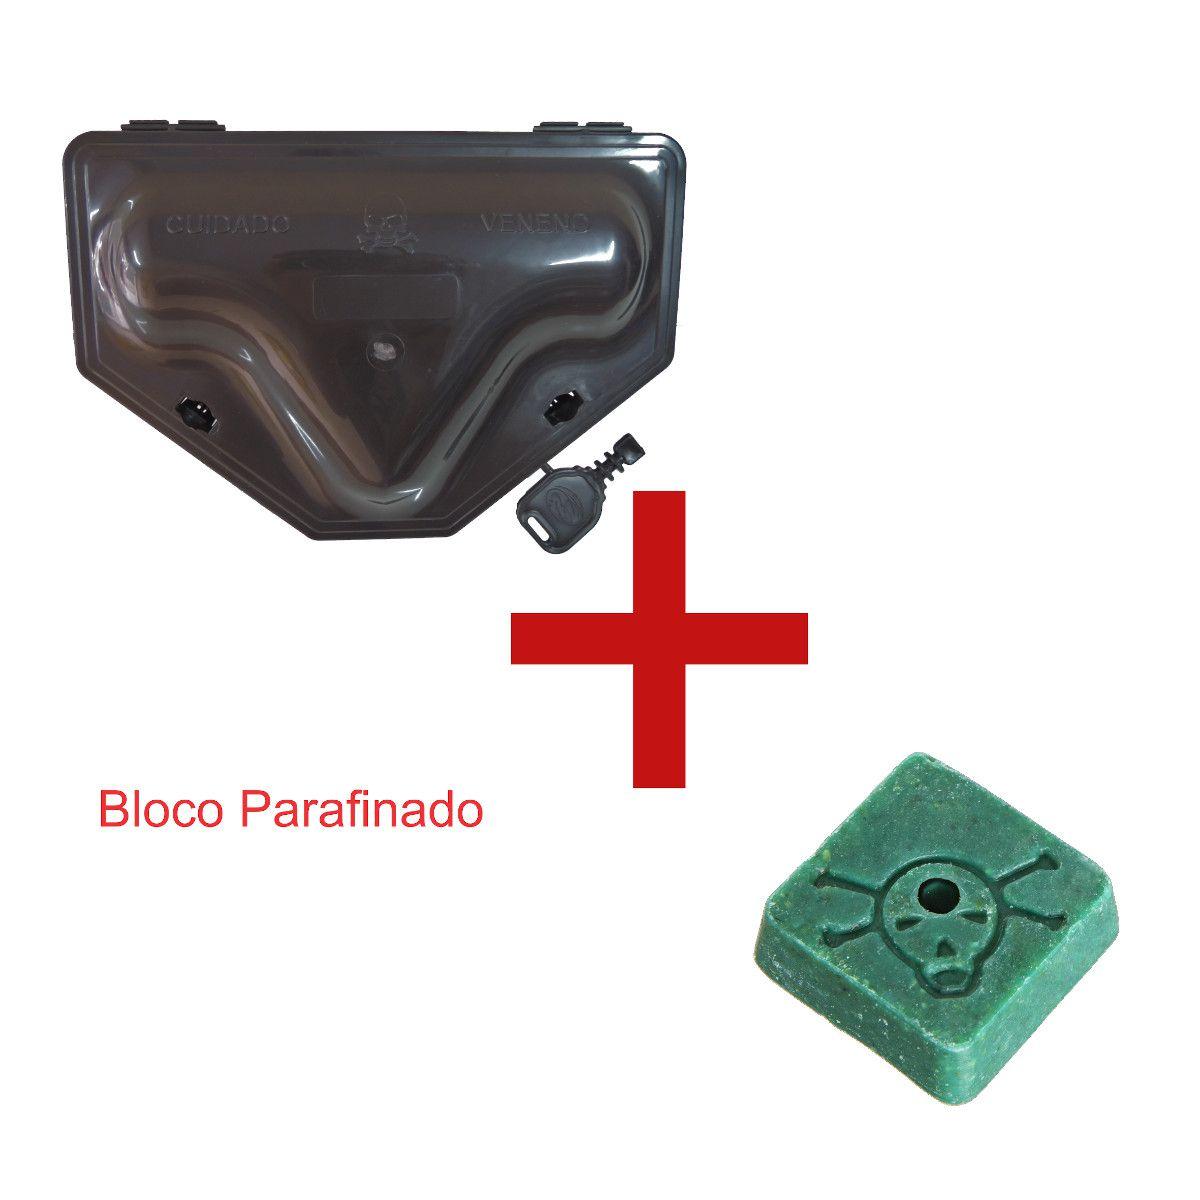 26 Porta Iscas C/ Duplo Travamento + 26 Bloco Parafinado